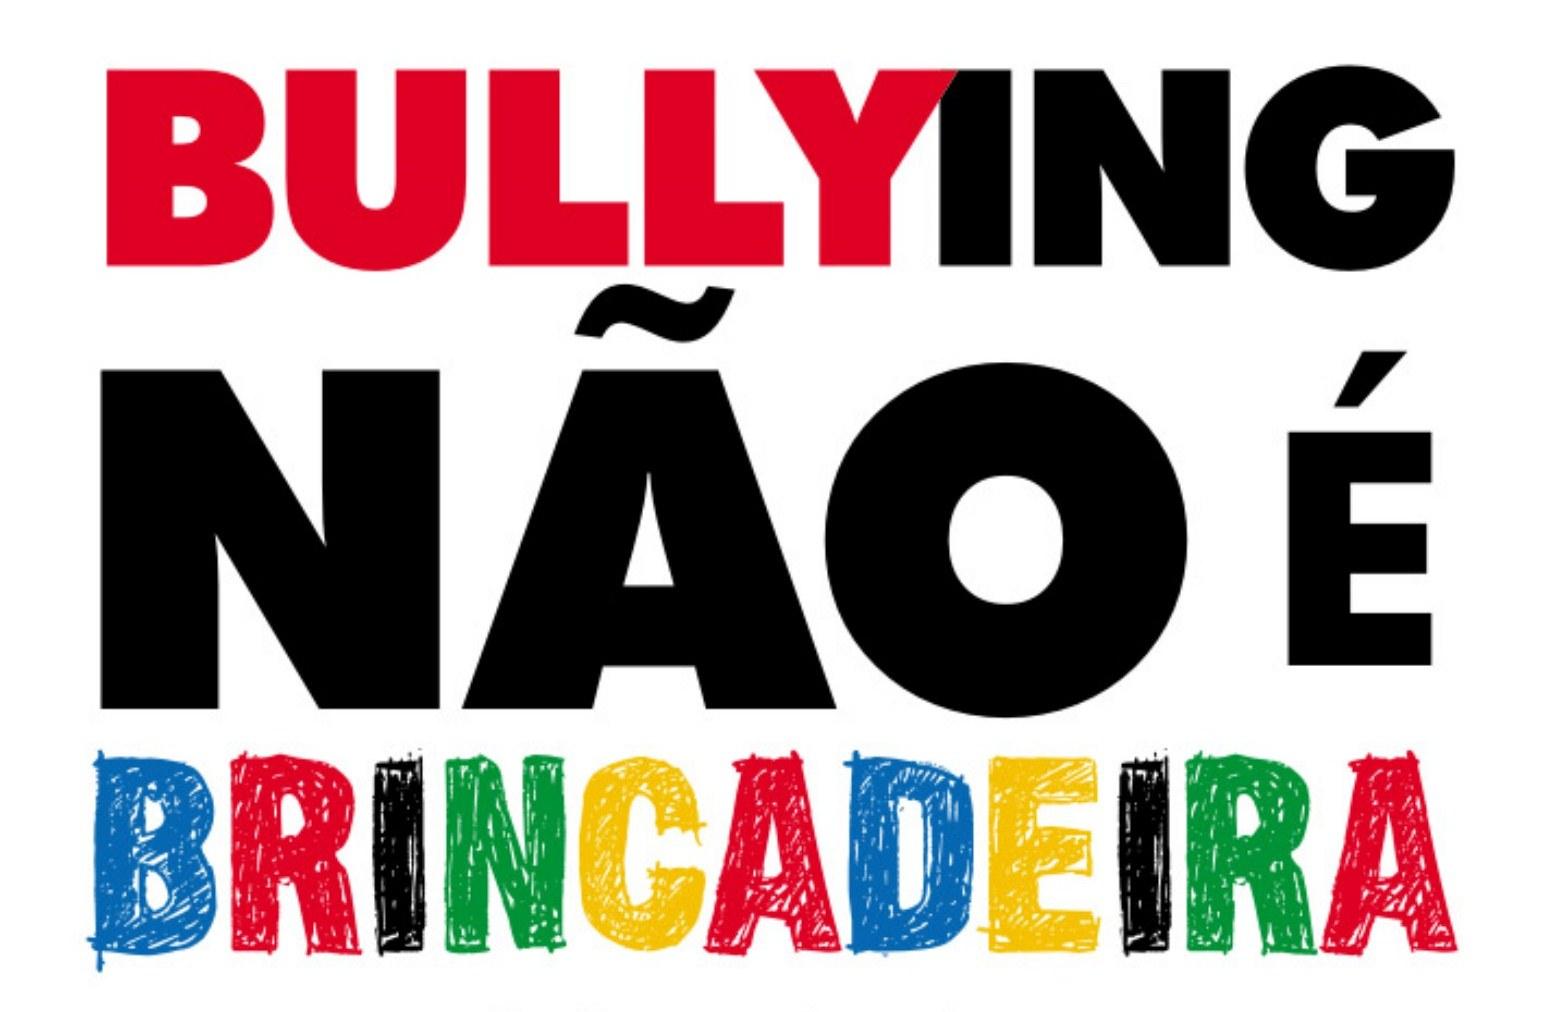 casos de bullying sÃo frequentes em uruguaiana, afirma conselheira